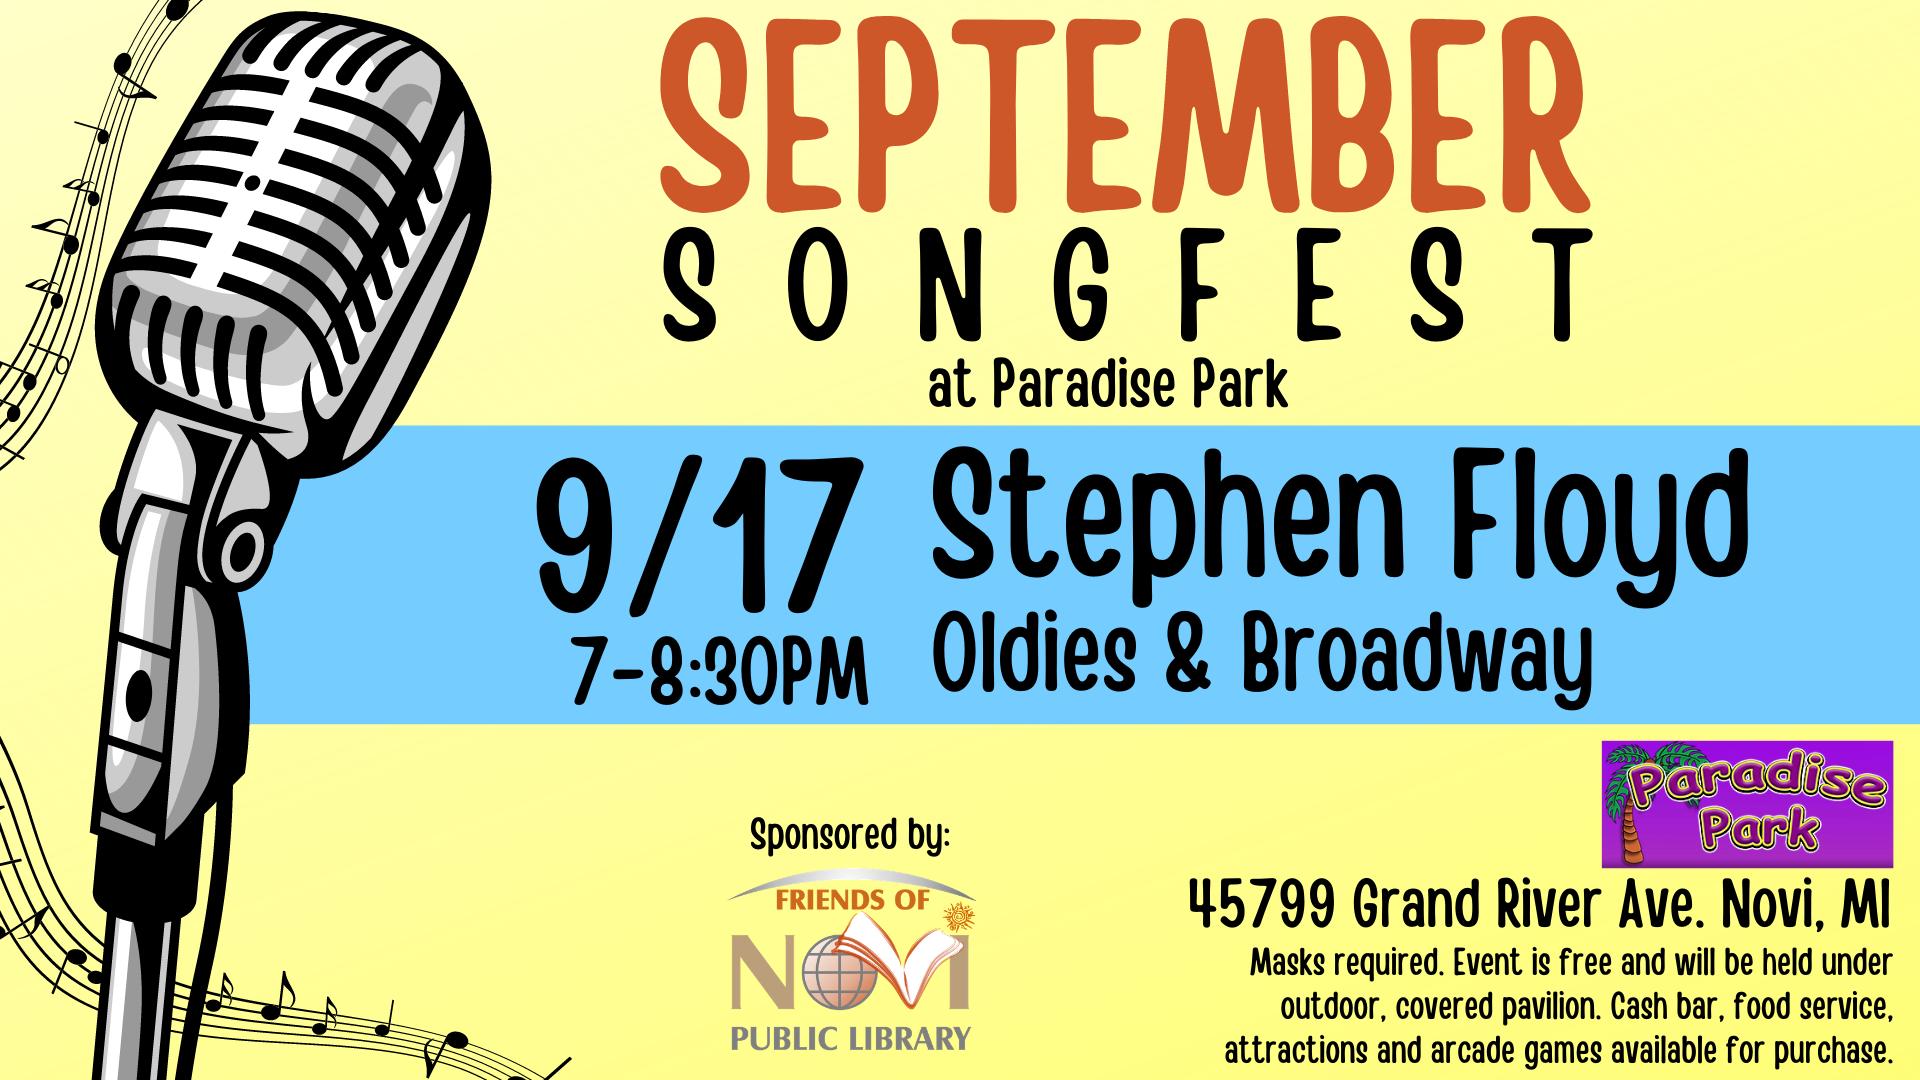 September Songfest - Stephen Floyd